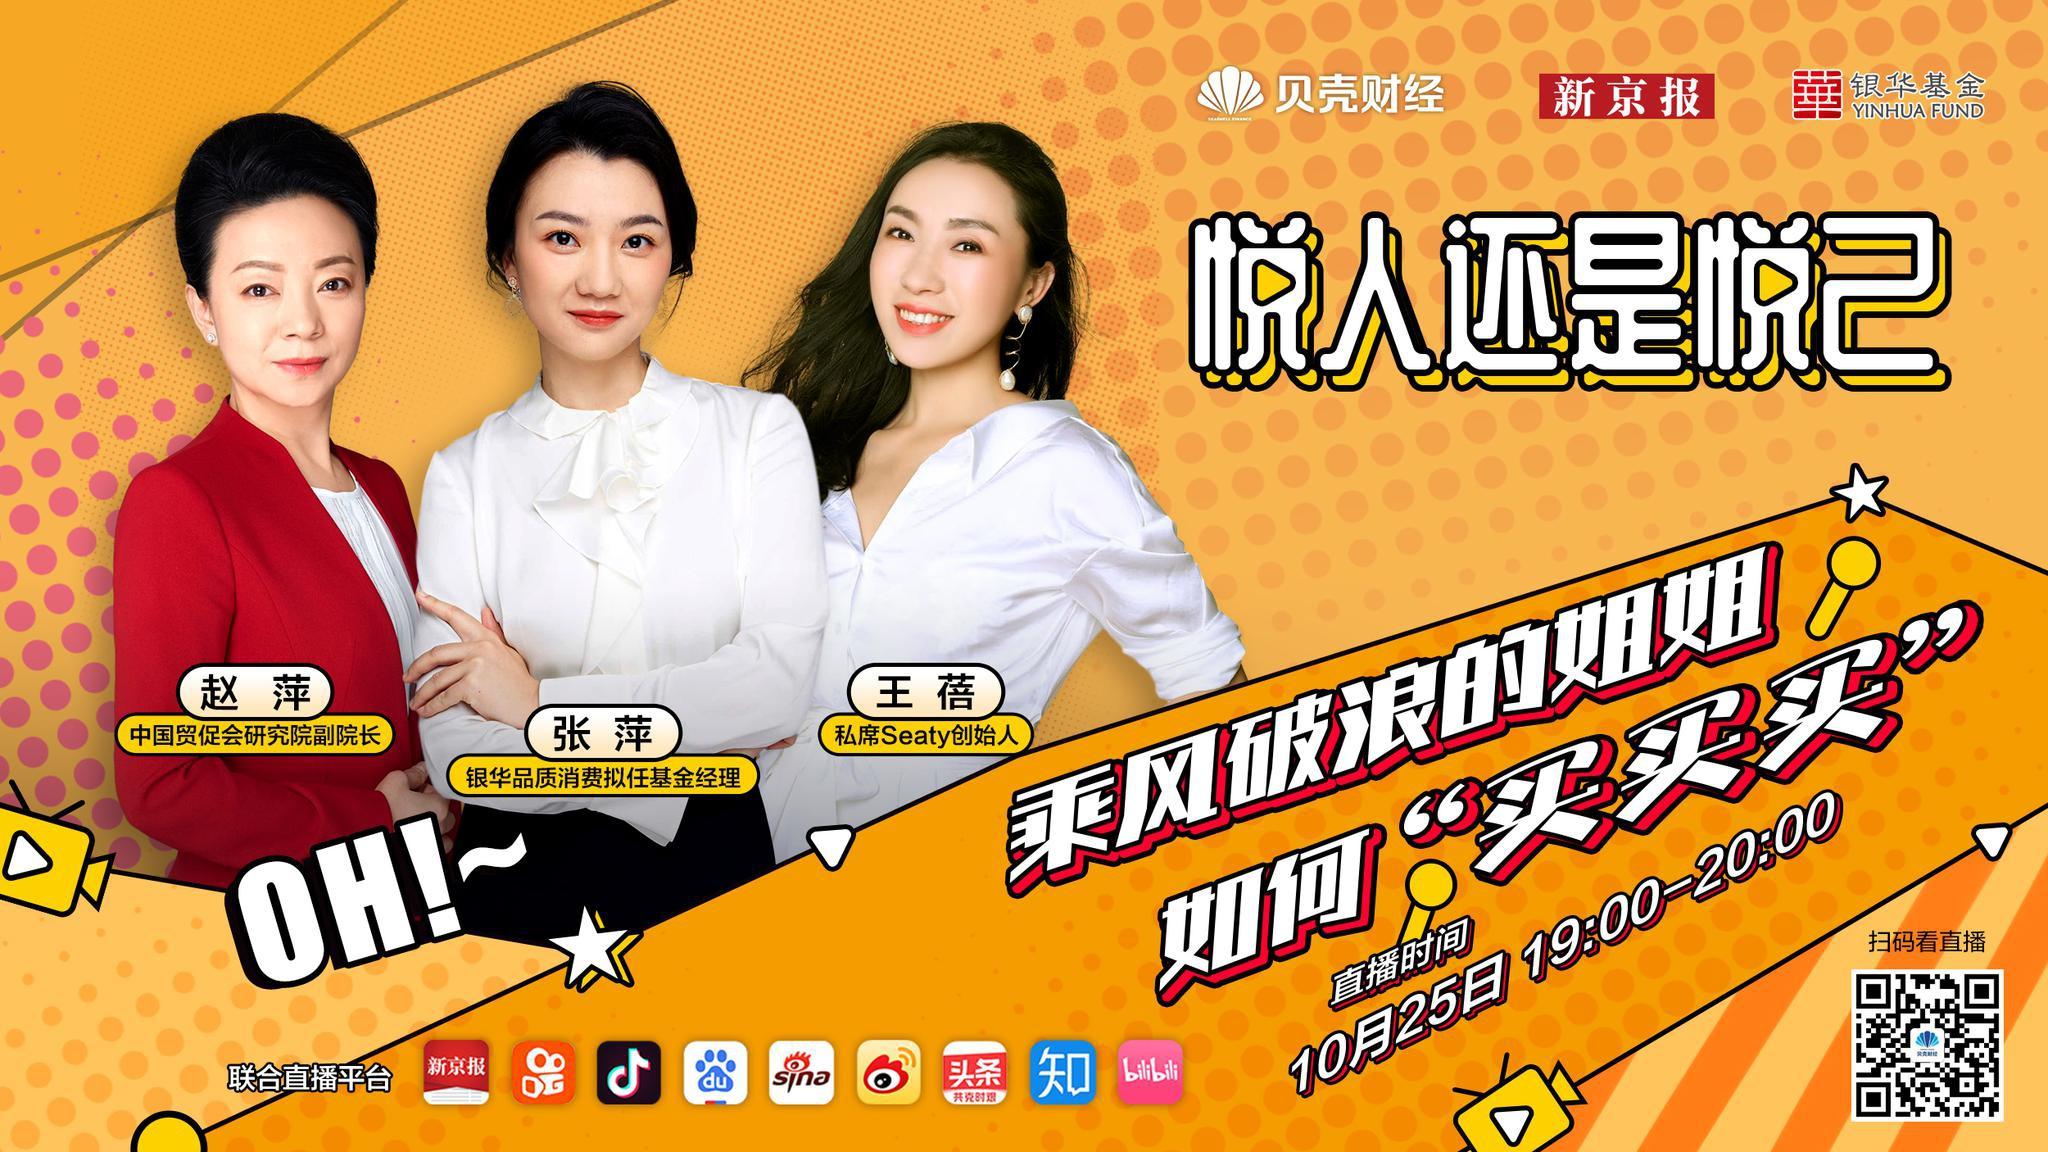 女性消费变革带来哪些投资机会?三位姐姐亲临直播厅揭秘了!图片